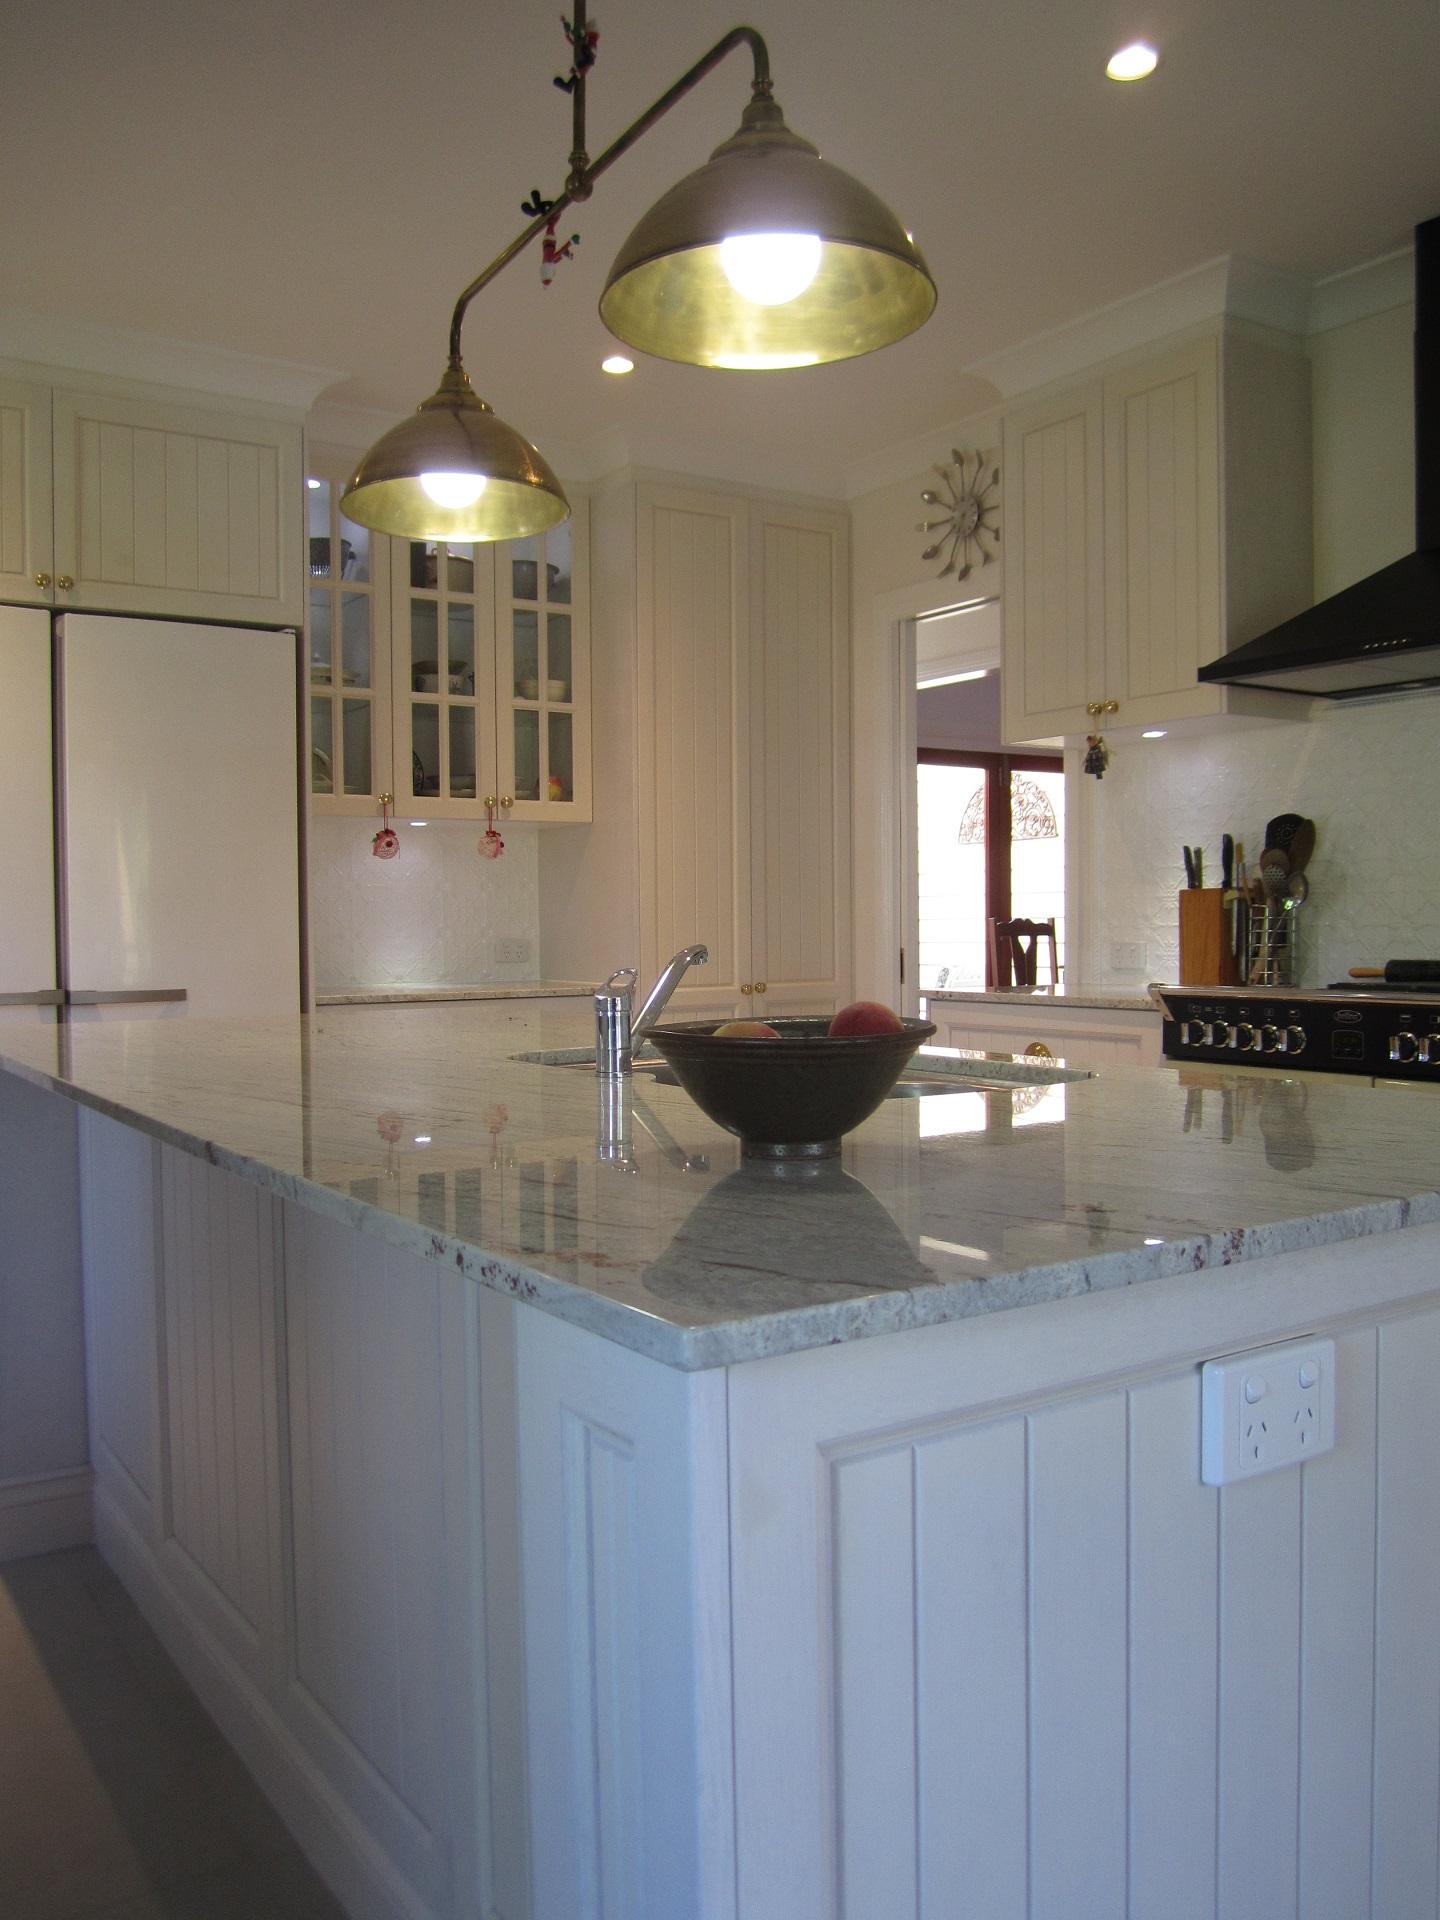 brisbane-kitchen-design-brookfield-shaker-vj-traditional-kitchen-6